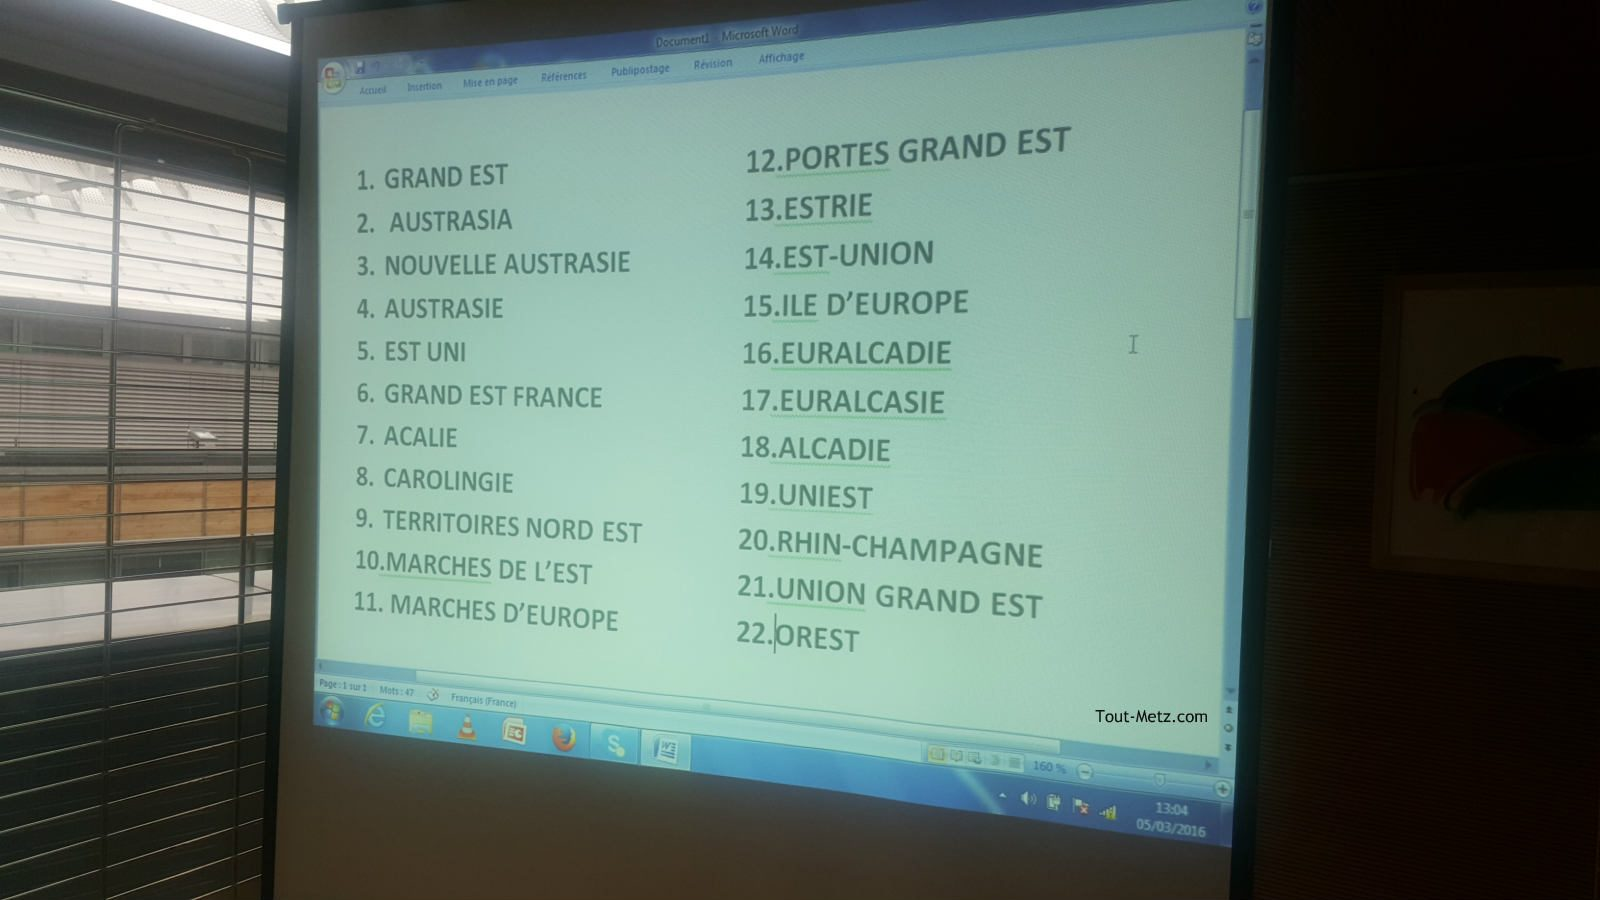 Nouveau nom de la région : dernière réunion pour sortir 3 propositions d'une liste de 15